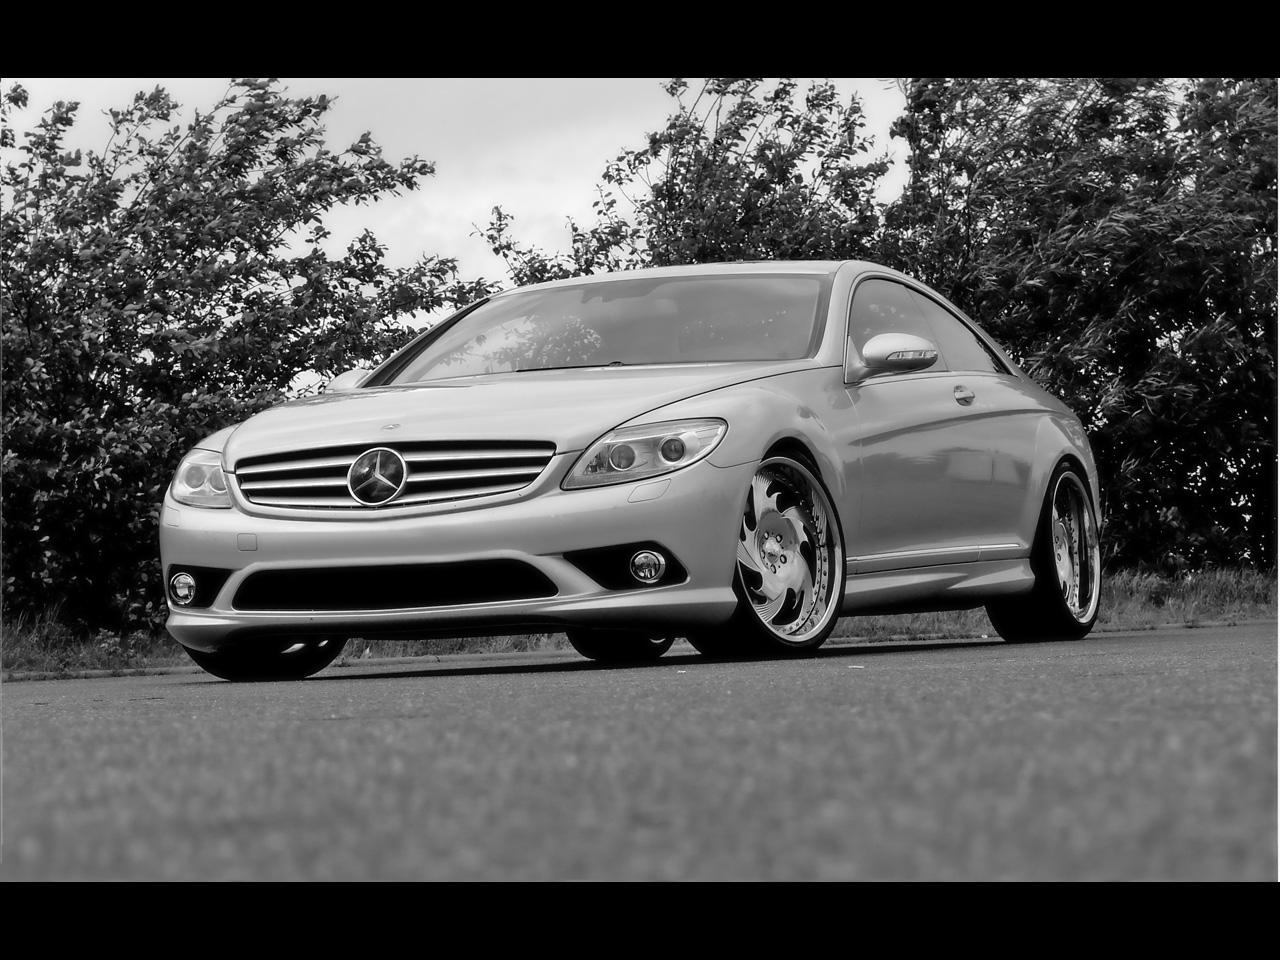 http://4.bp.blogspot.com/-akcerCVDL40/ThNki5dDAzI/AAAAAAAAG0o/krGx4jnKFWI/s1600/Mercedes-Benz+CL+45+Wallpapers+6.jpg